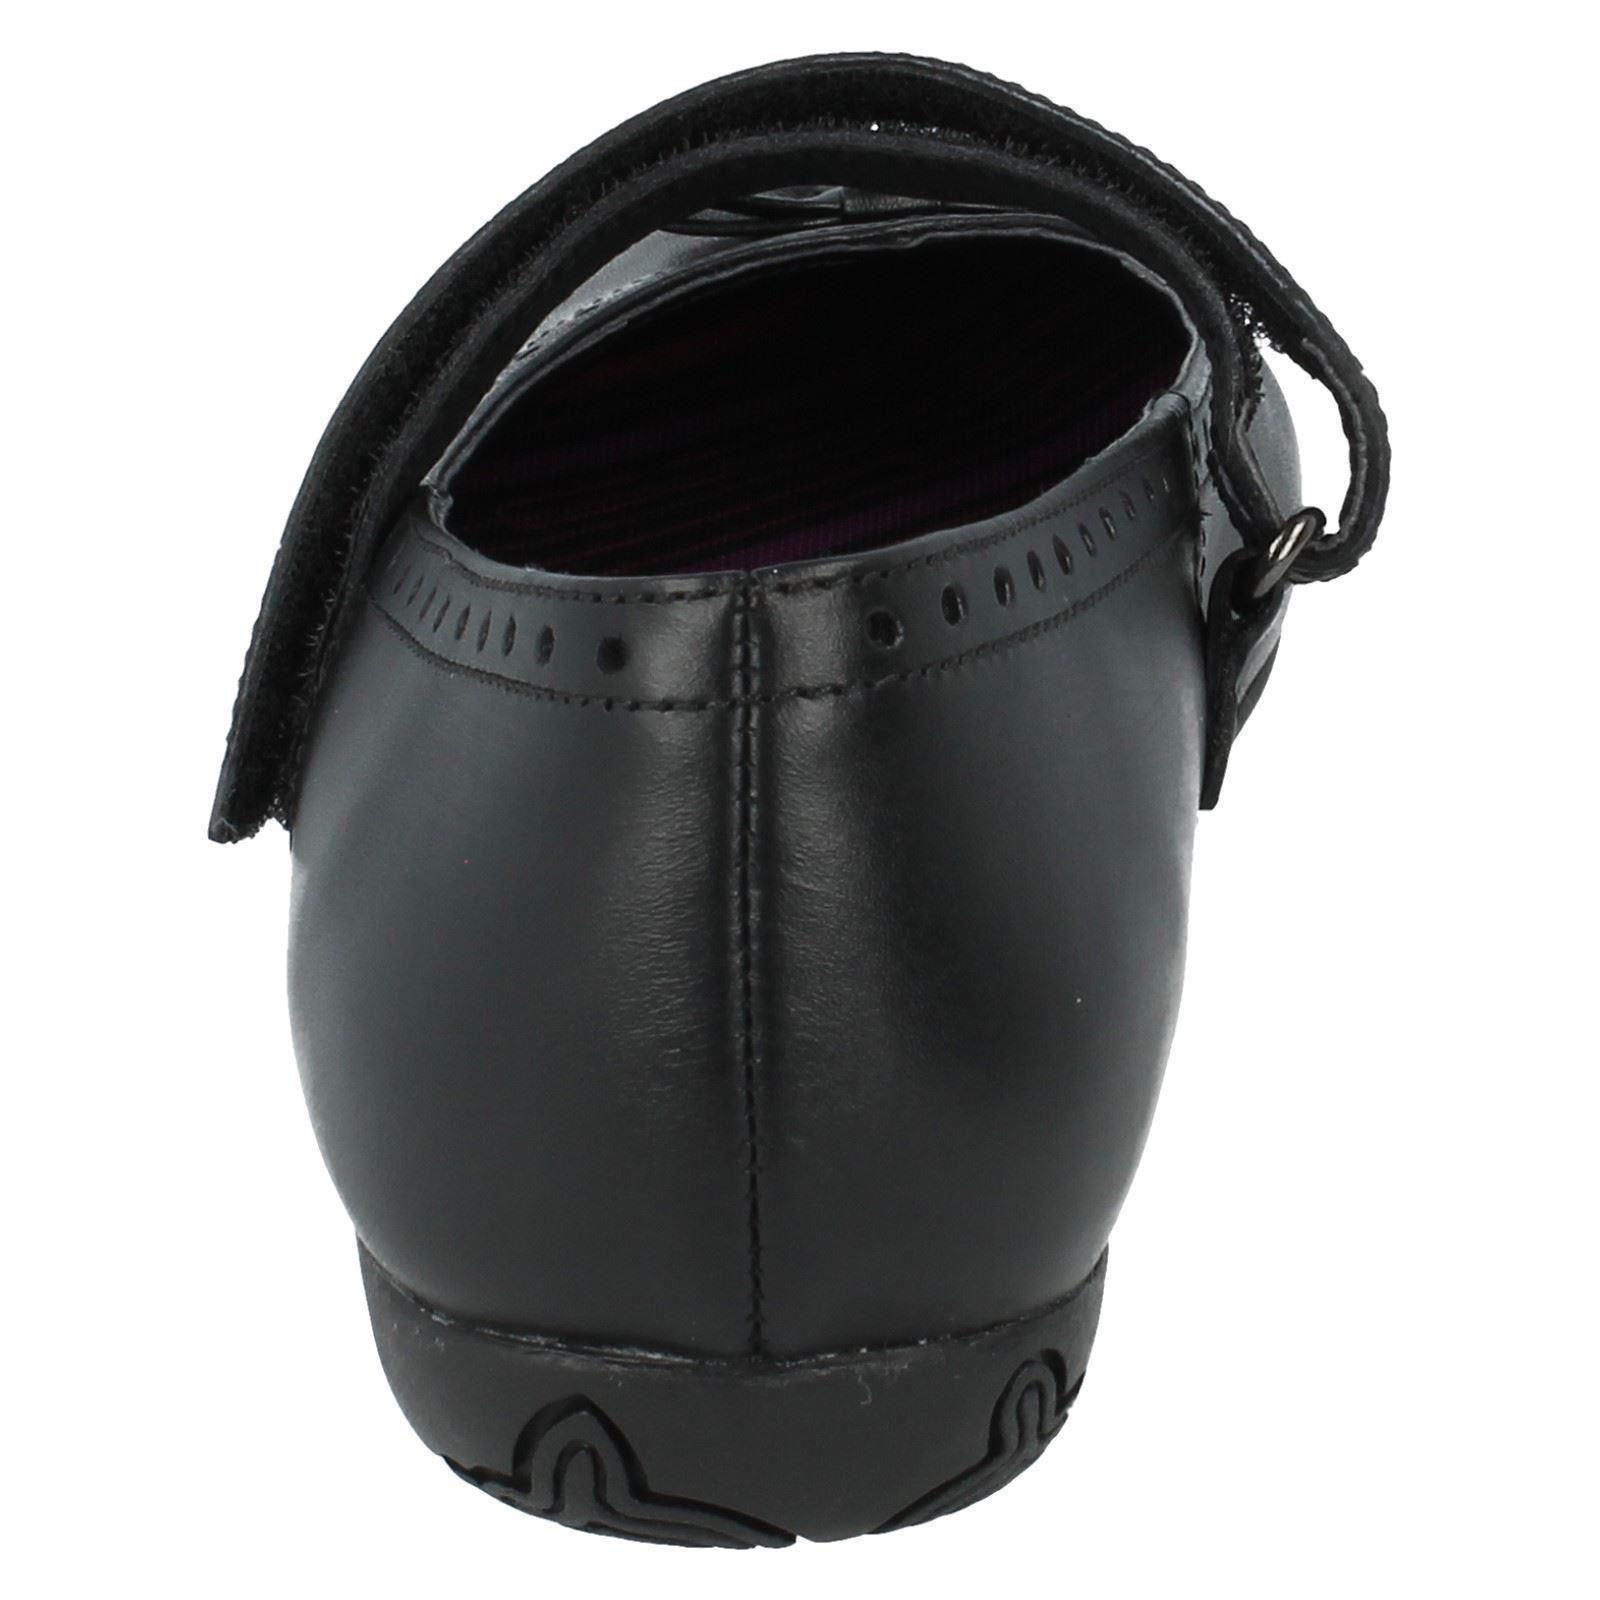 Clarks Bootleg Girls School Shoes 'No Breeze' ~ K